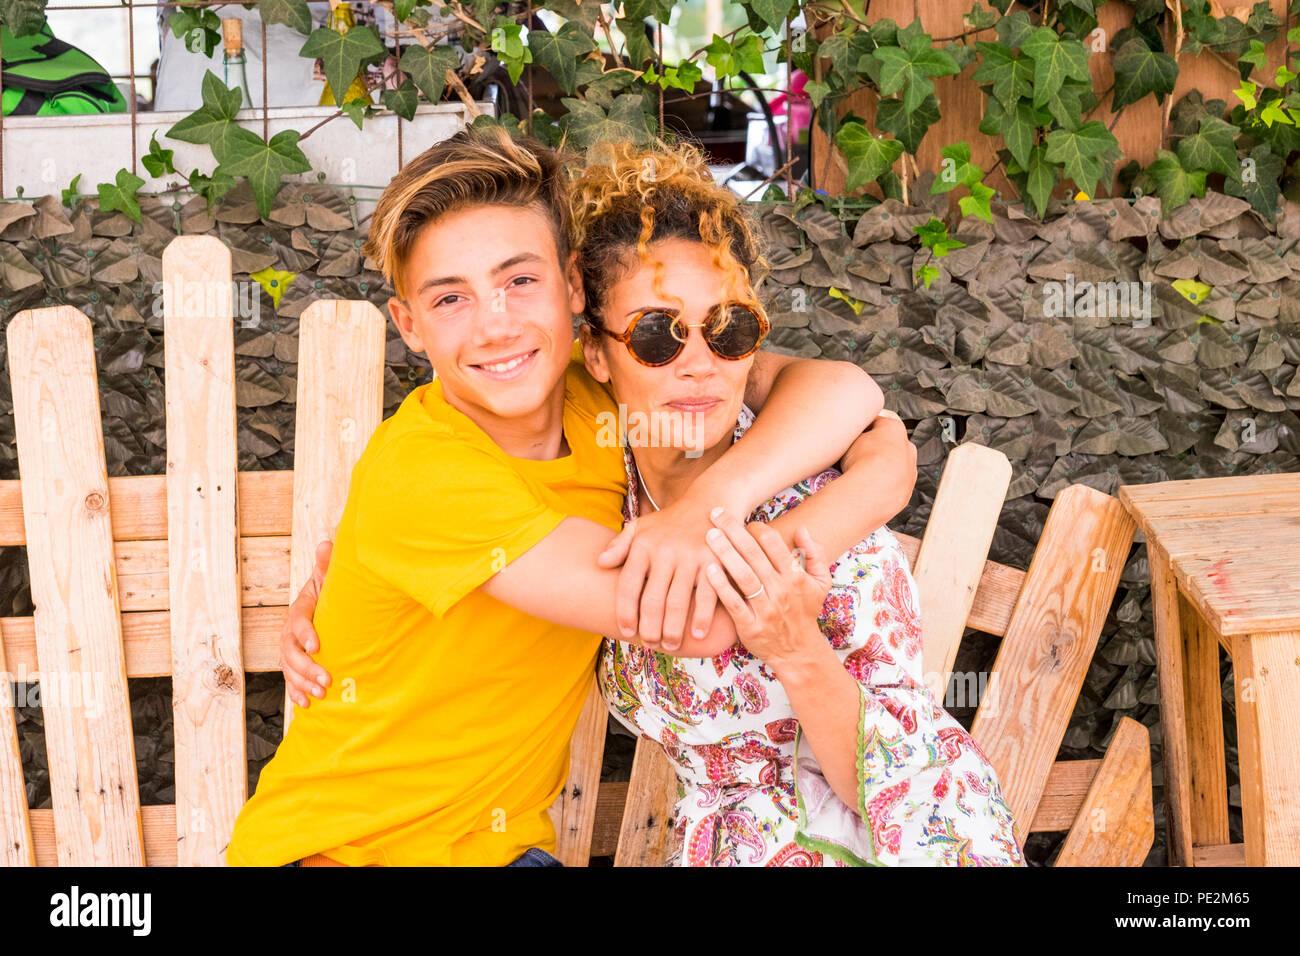 La madre e il Figlio abbraccia con il sorriso e godere del tempo libero insieme con amore la famiglia adolescente ragazzo di 14 anni e la mamma 43 divertirsi seduti su un wodd essere Immagini Stock